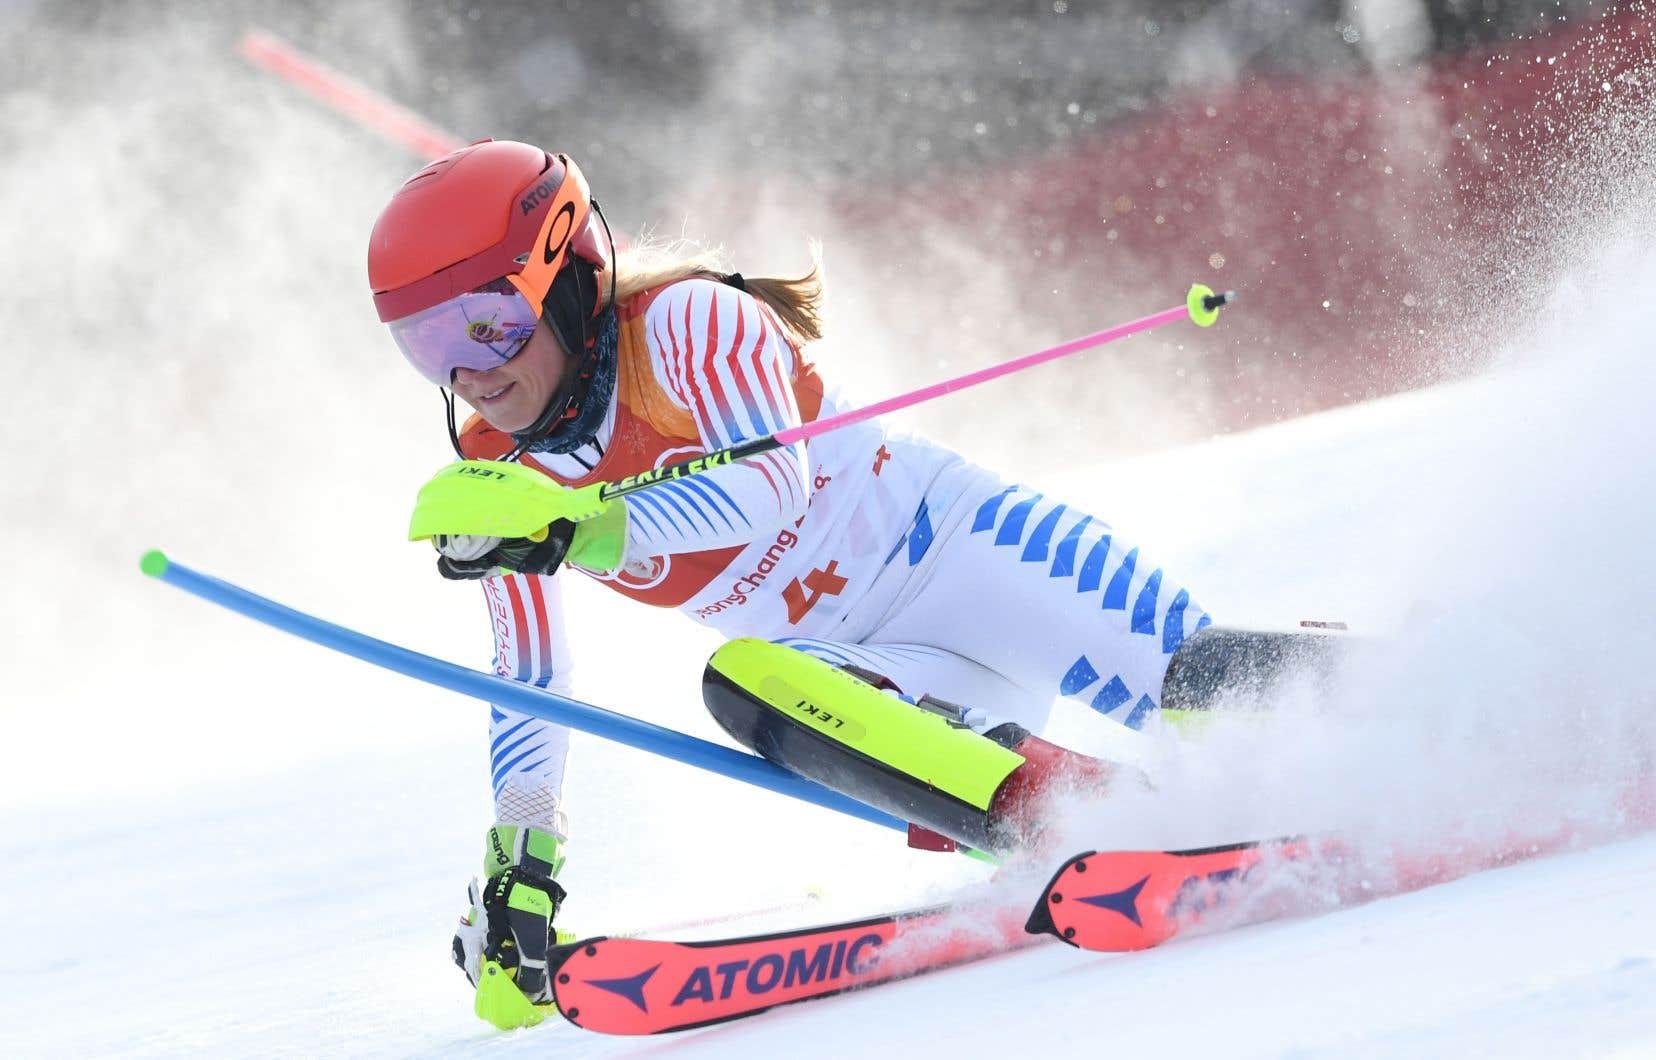 La skieuse Mikaela Shiffrinconvoite quatre médailles d'or à Pyeongchang.